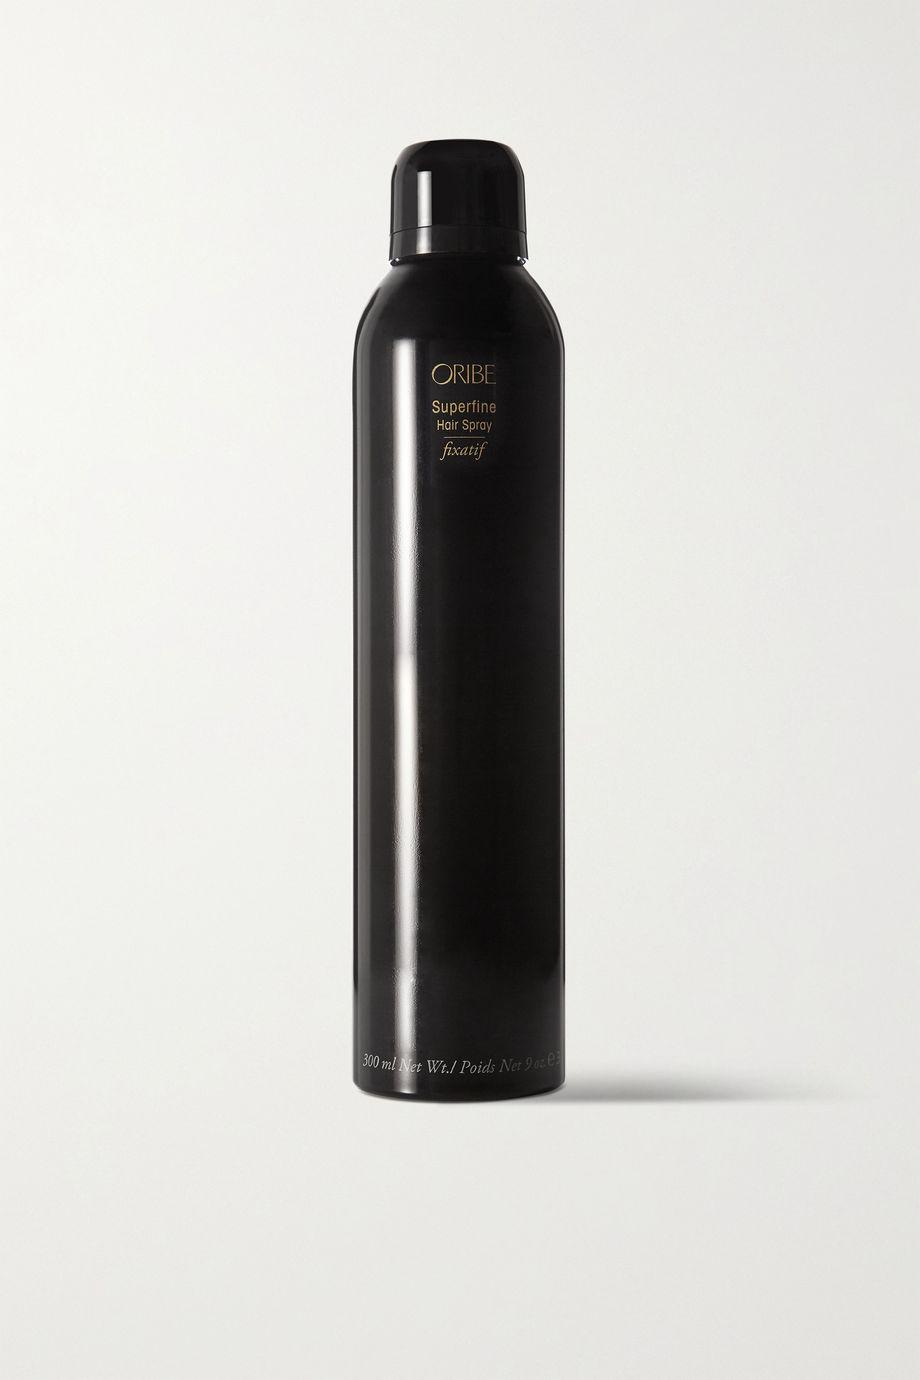 Oribe Superfine Hair Spray, 300ml